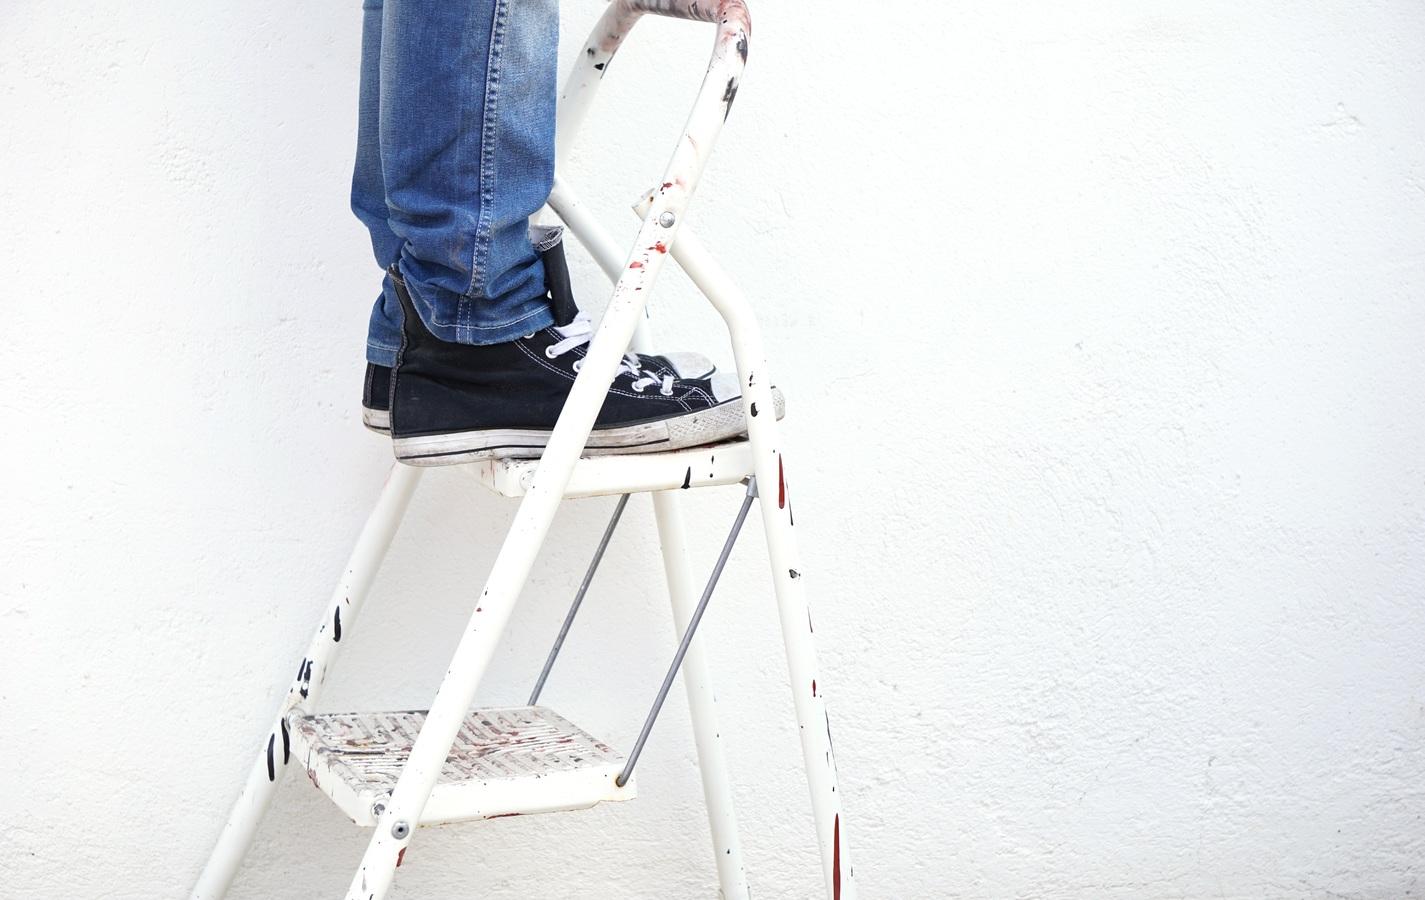 Malíř Brno, malíř, malířství, lakýrnictví, natěrač